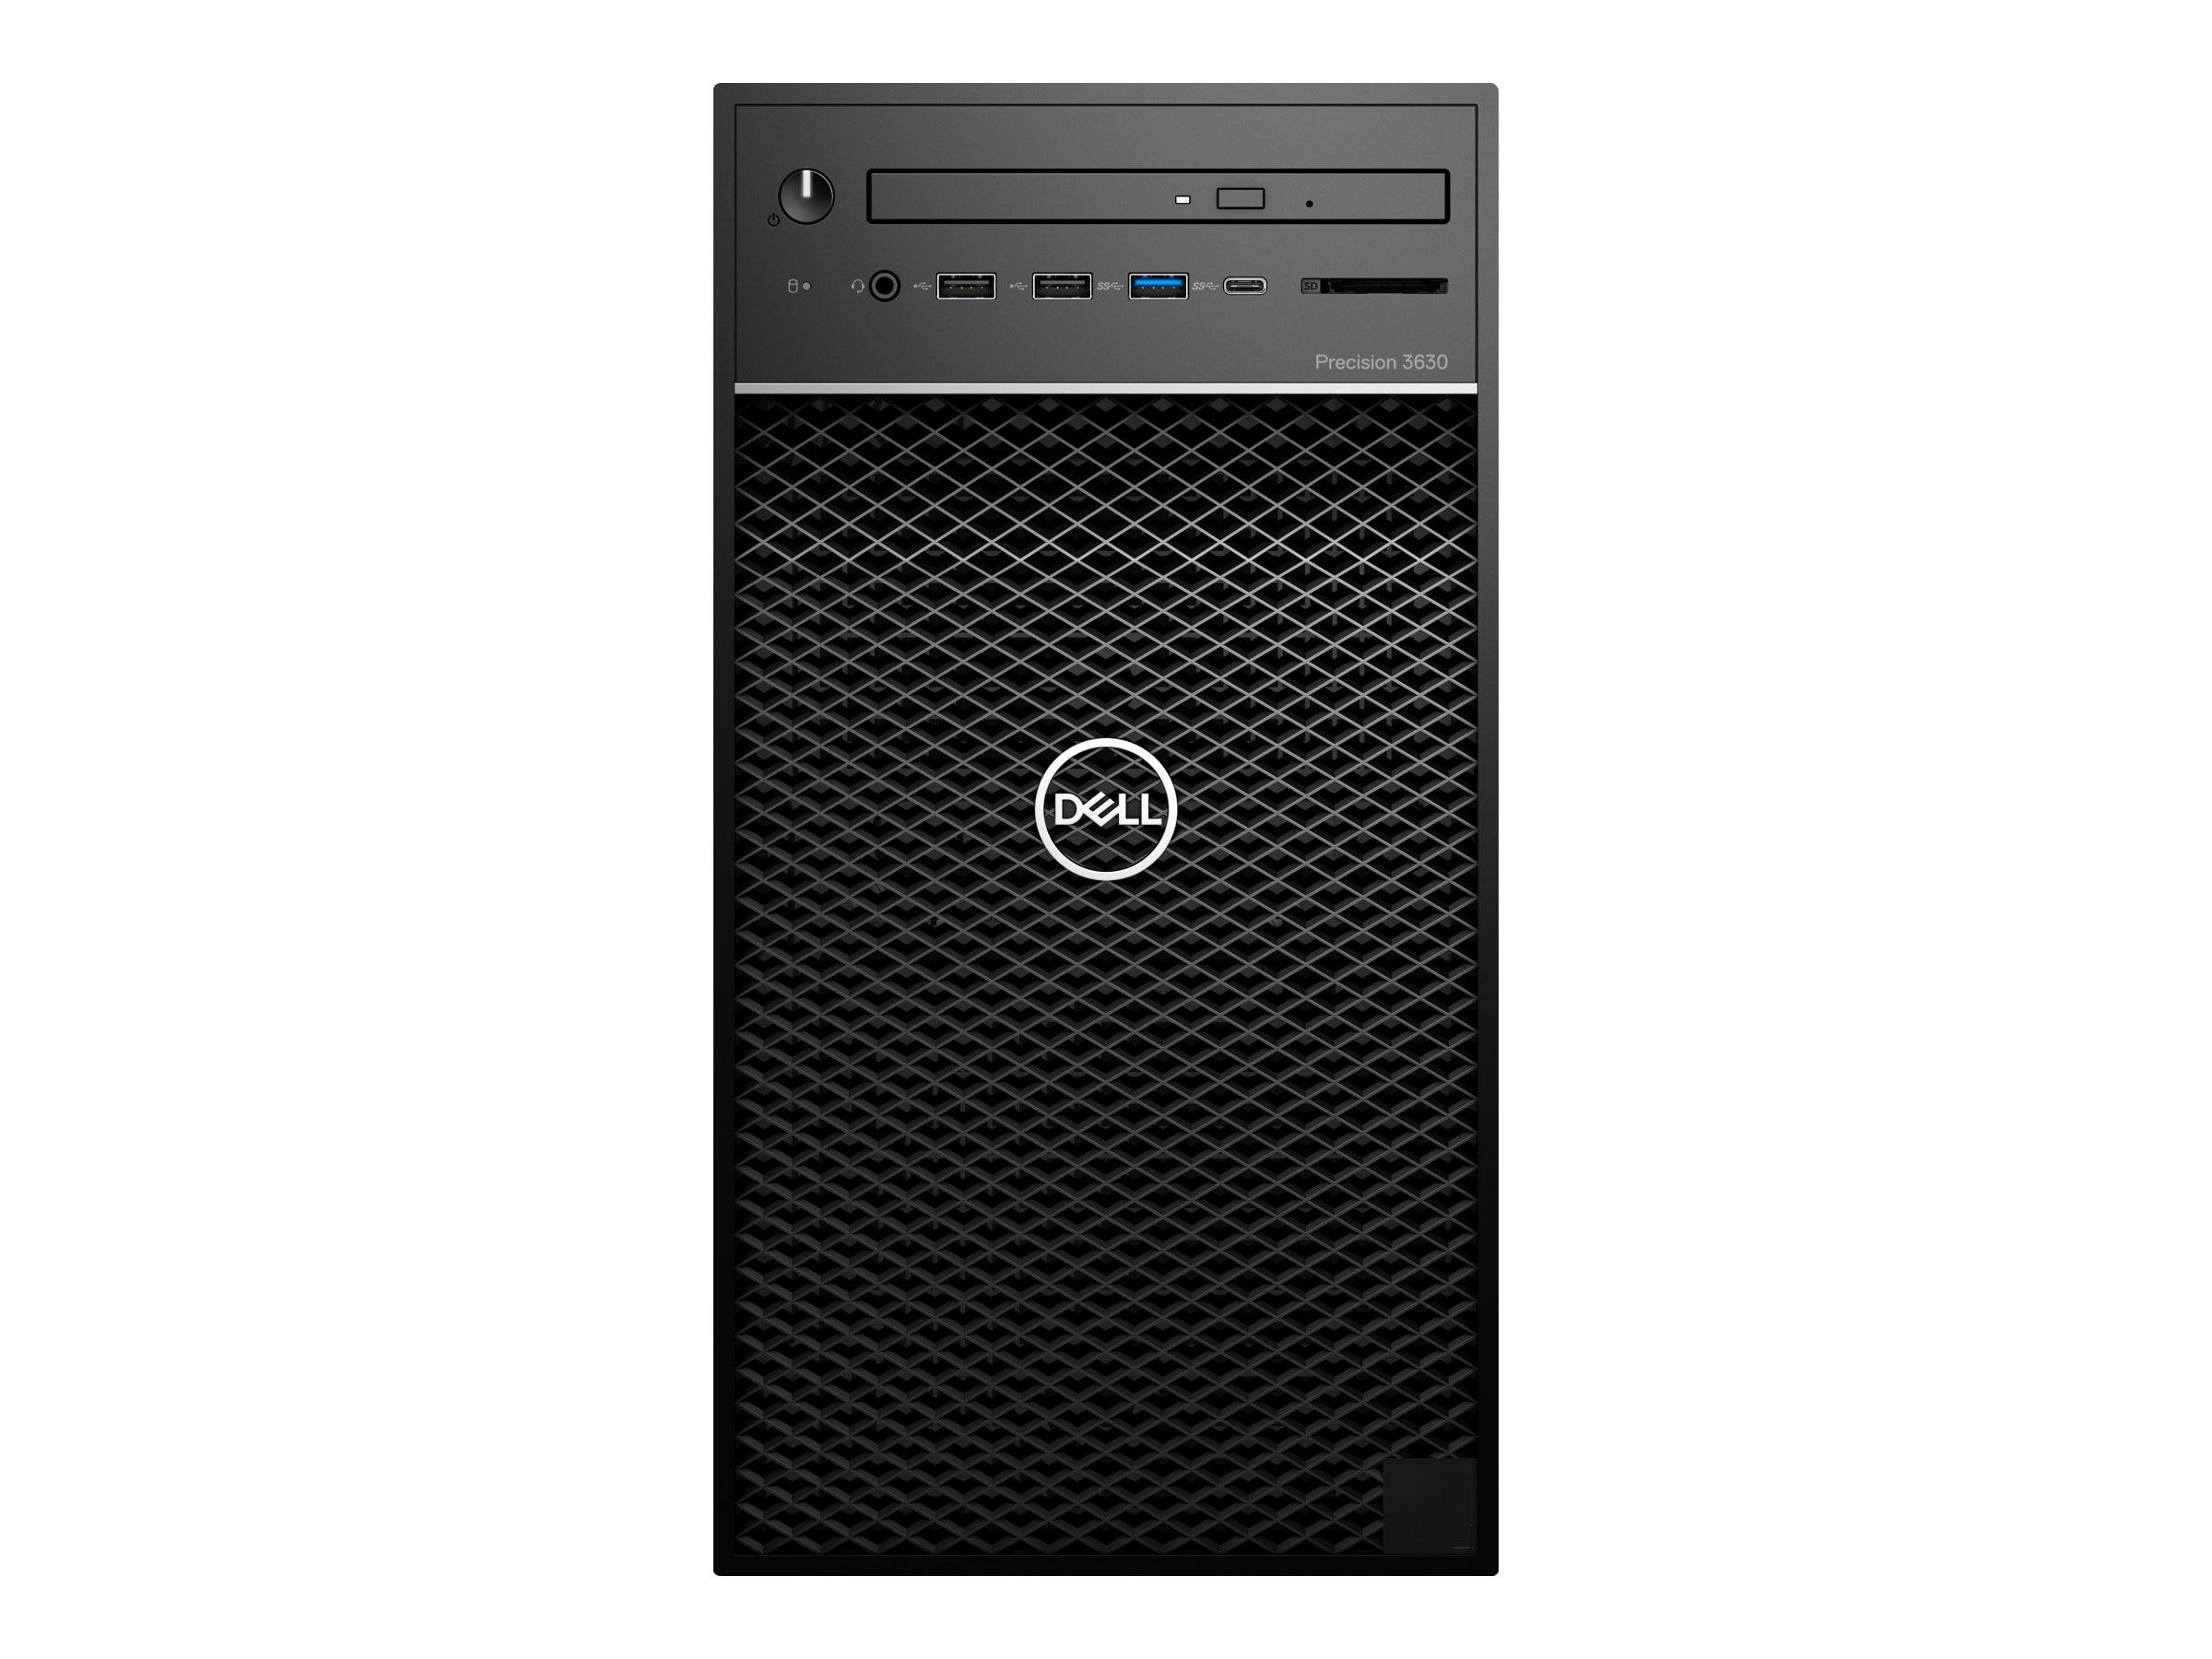 Dell Precision 3630 3 7GHz Core i7 Windows 10 Pro 64-bit Edition